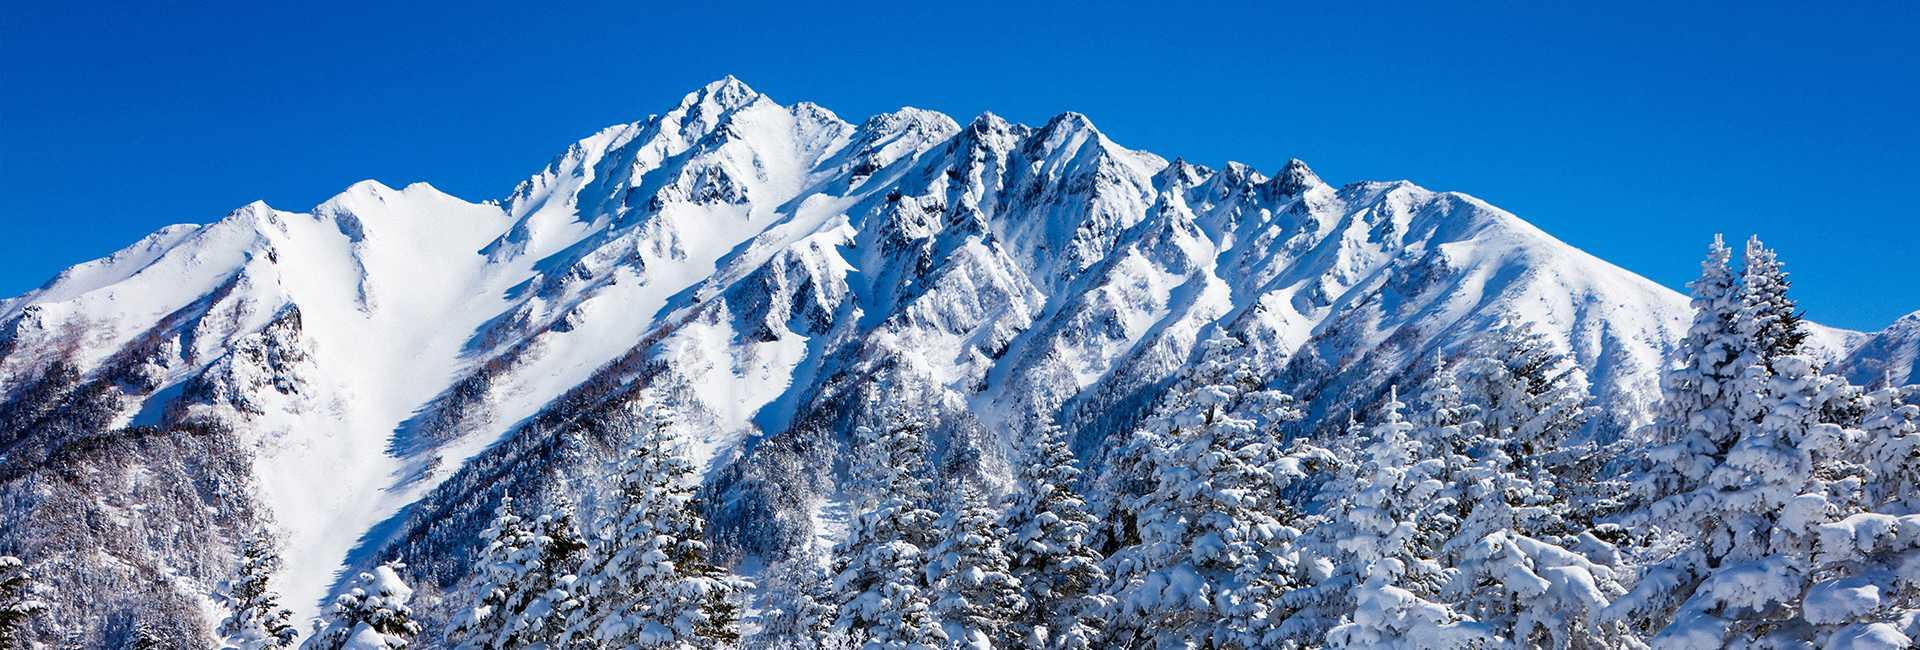 montagnes à Nagano au Japon